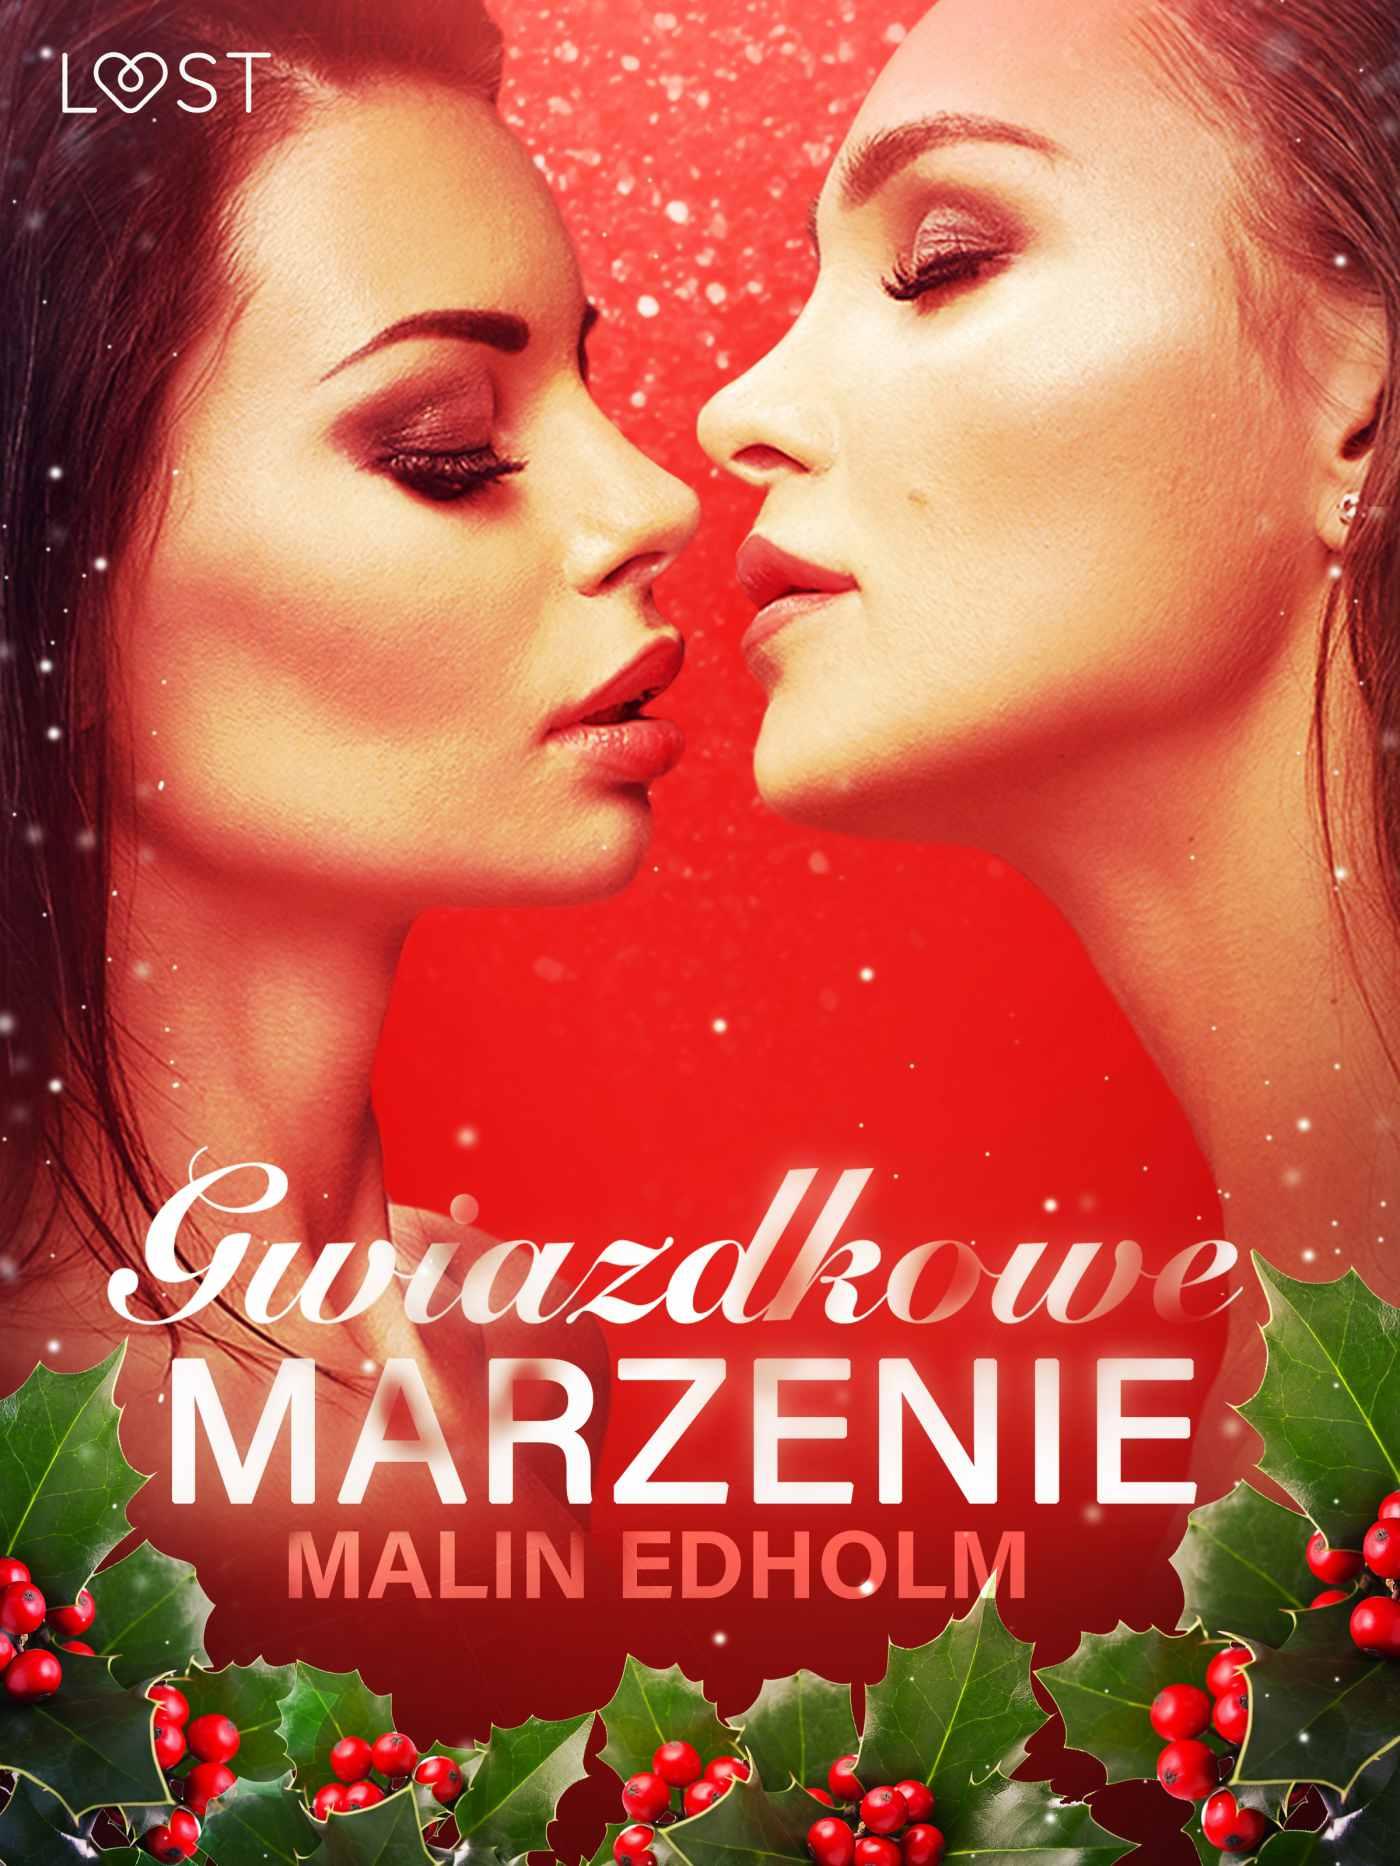 Gwiazdkowe marzenie - opowiadanie erotyczne - Ebook (Książka na Kindle) do pobrania w formacie MOBI